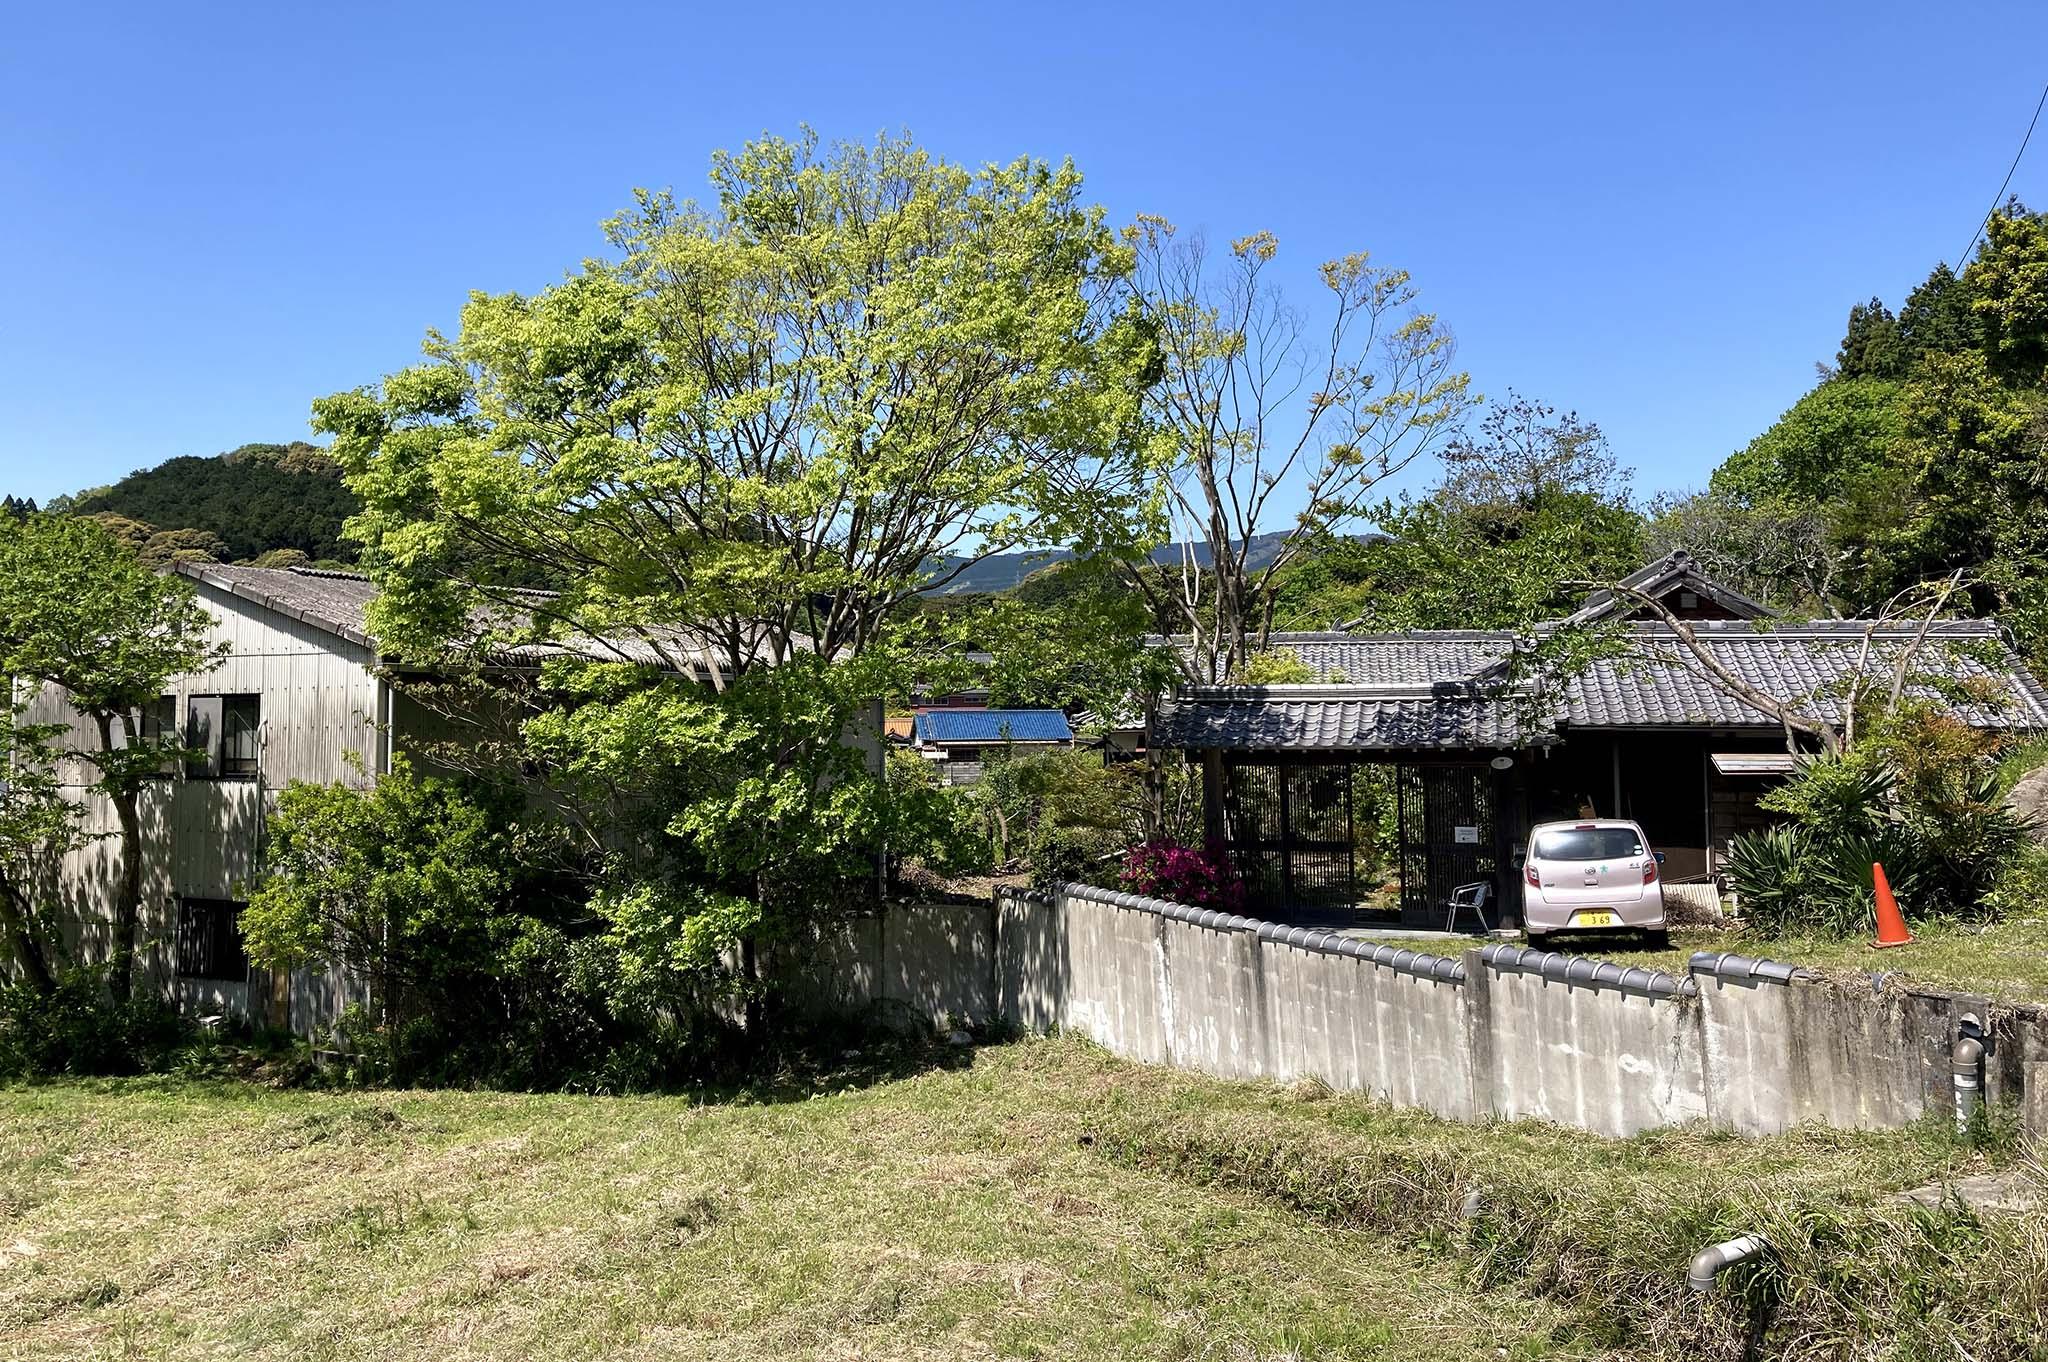 2021年4月三重県津市美里町三郷 里山の元畑